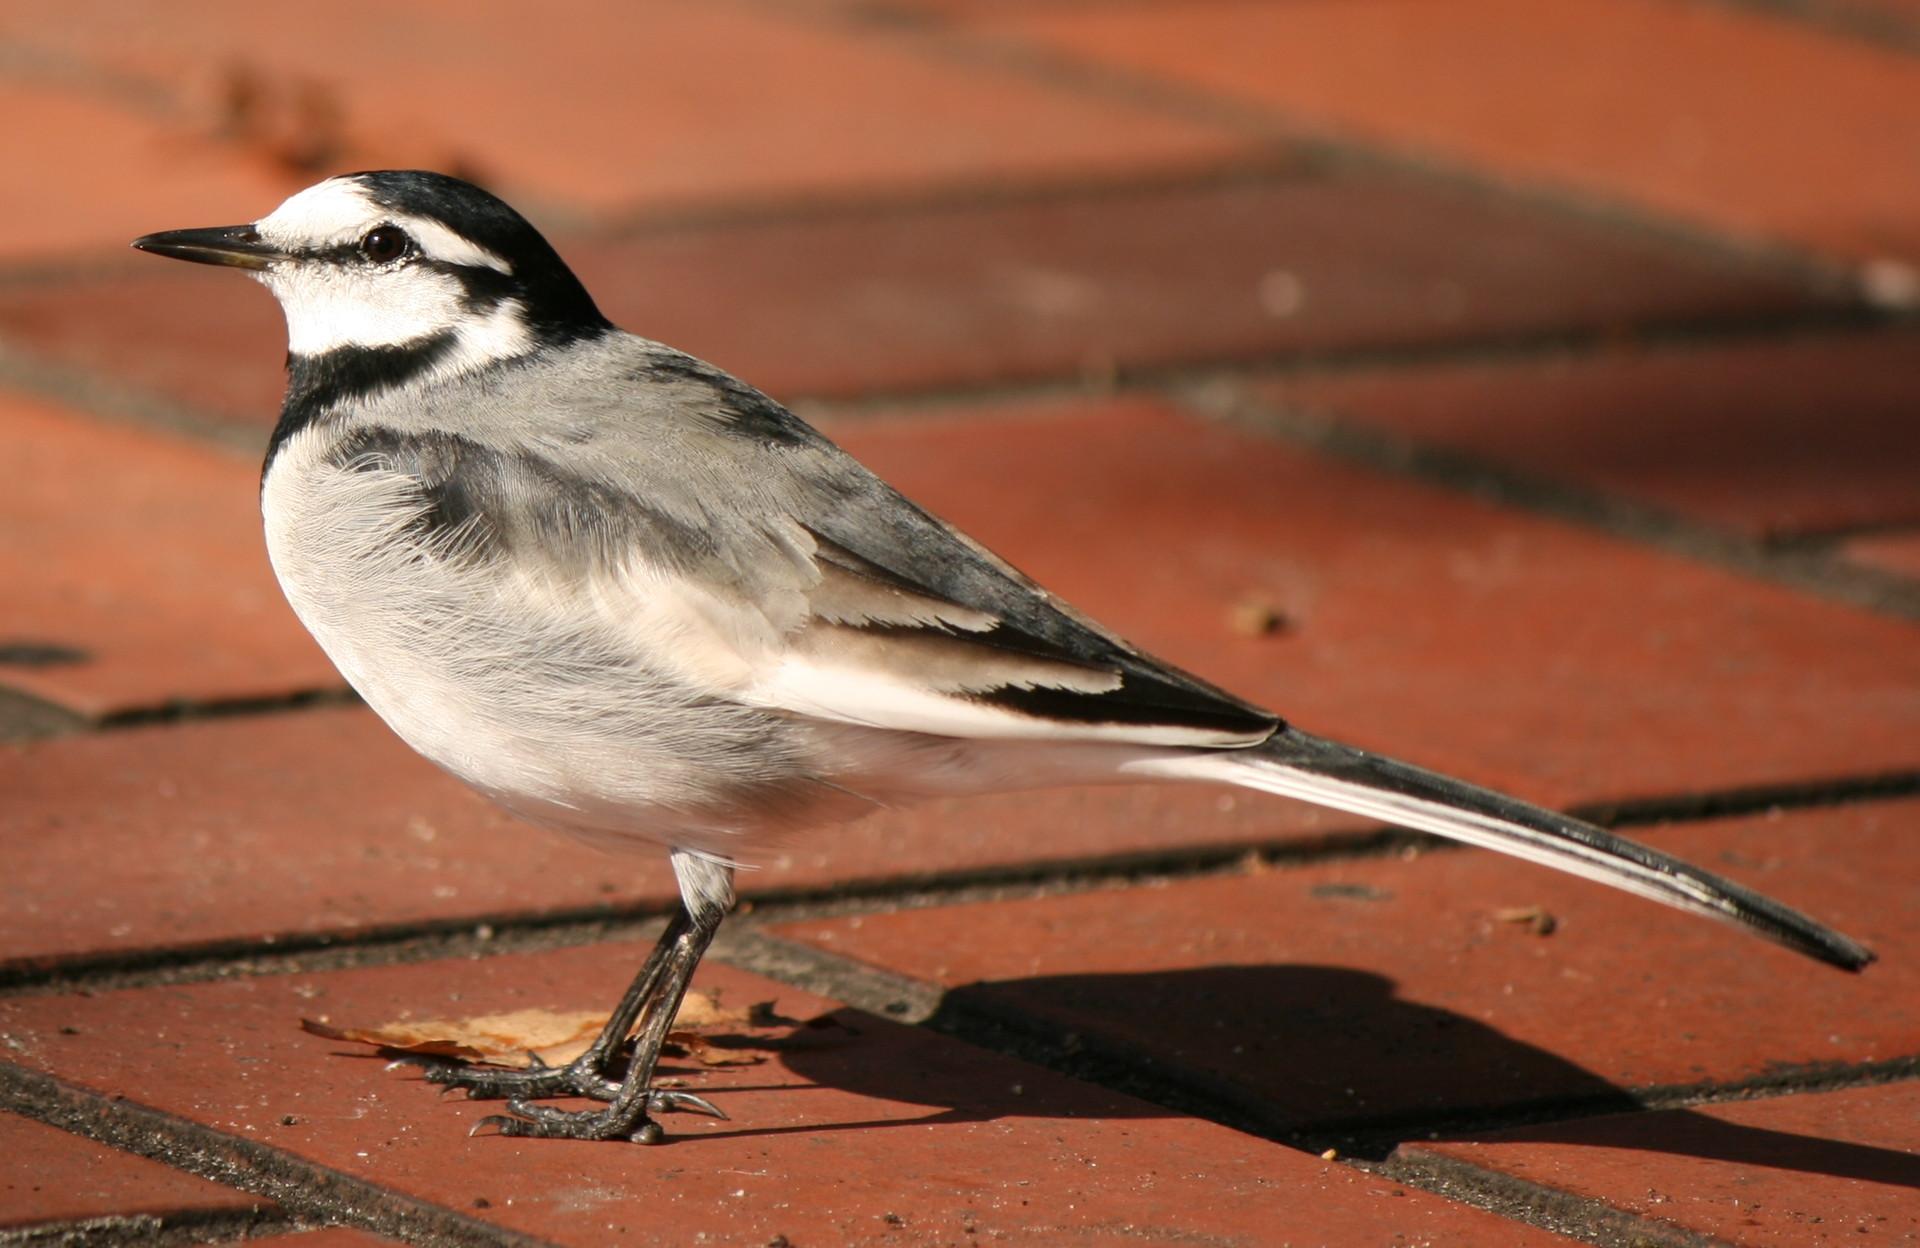 鳴き声 ハクセキレイ ハクセキレイ(野鳥)の生態!鳴き声や育て方等8つのポイント!